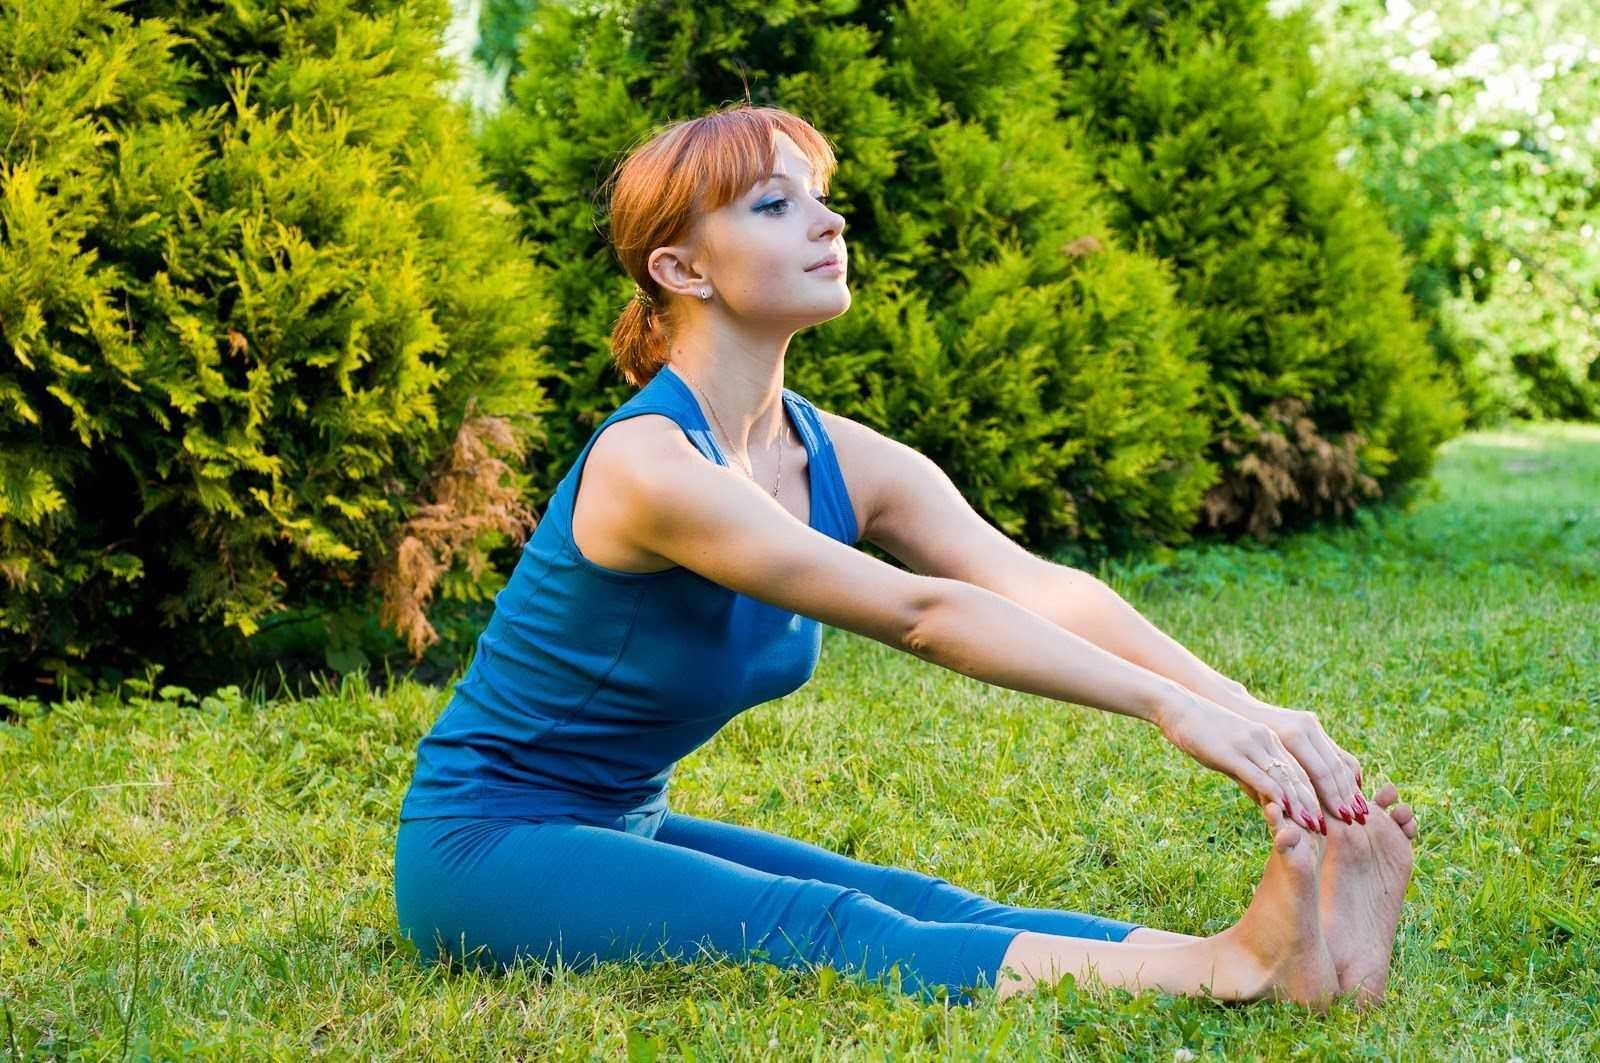 Тренировки для гибкости, укрепления и расслабления спины с катериной буйда